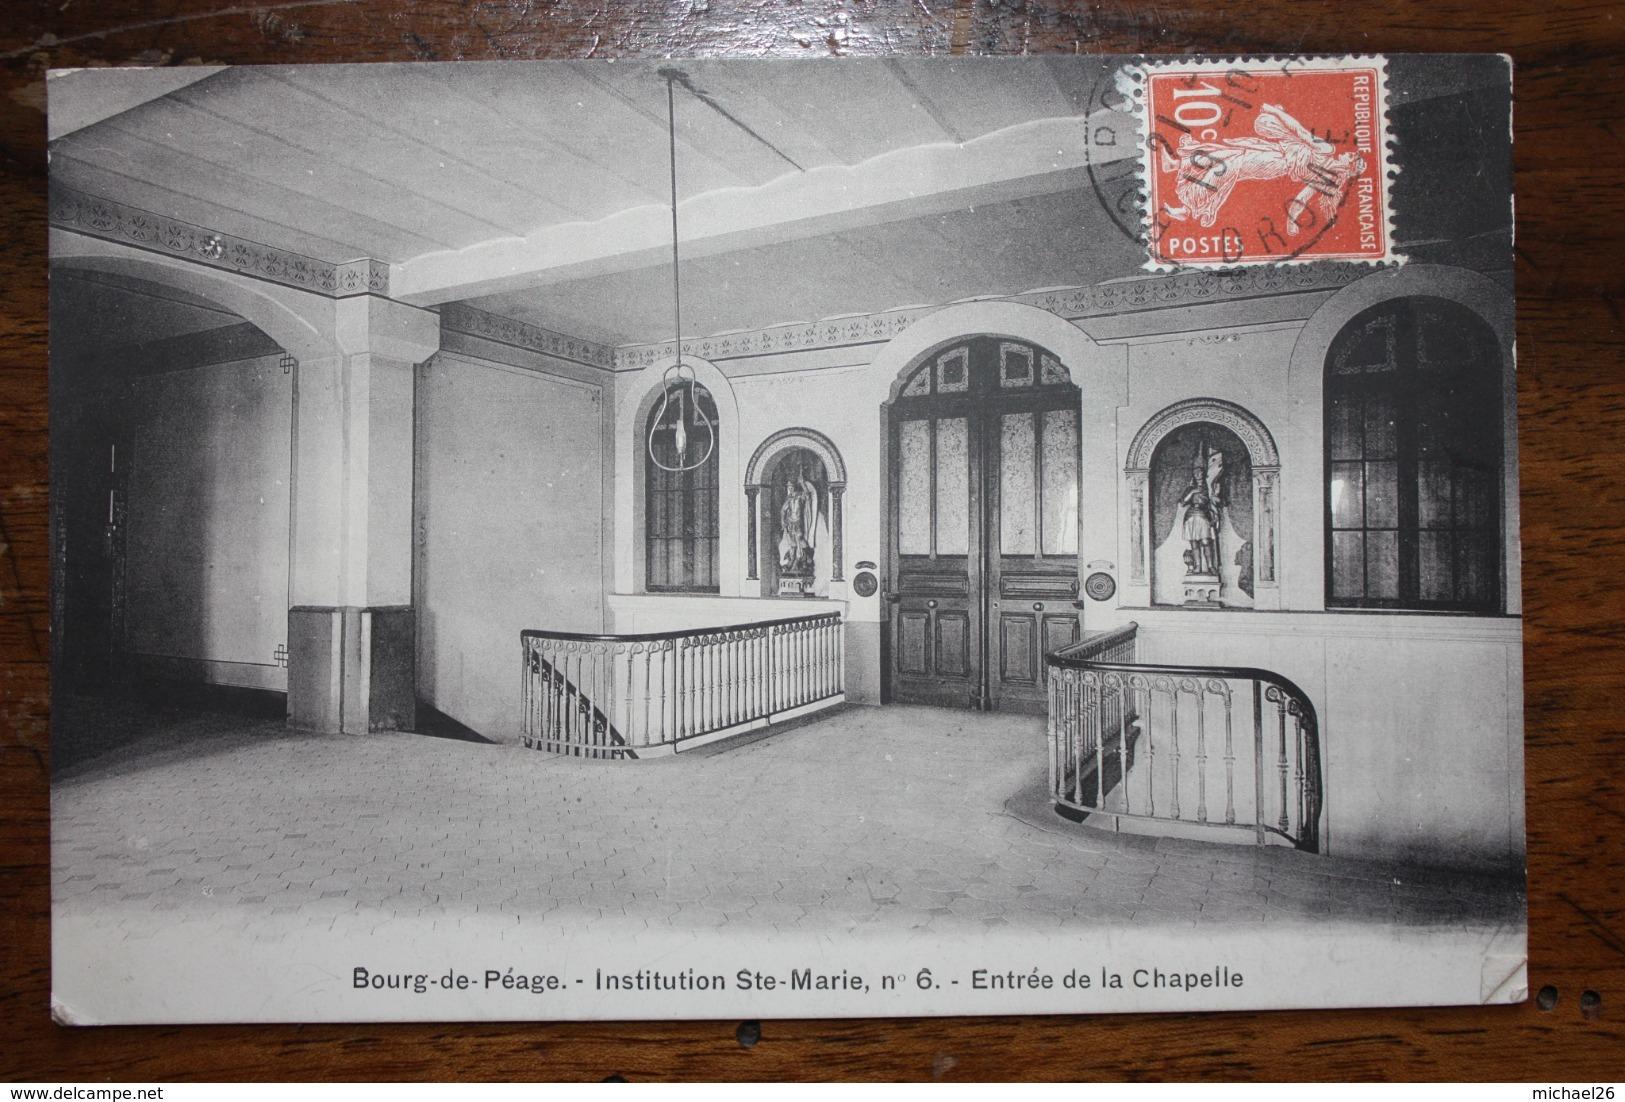 Bourg De Péage - Institution Ste Marie Entrée De La Chapelle - France